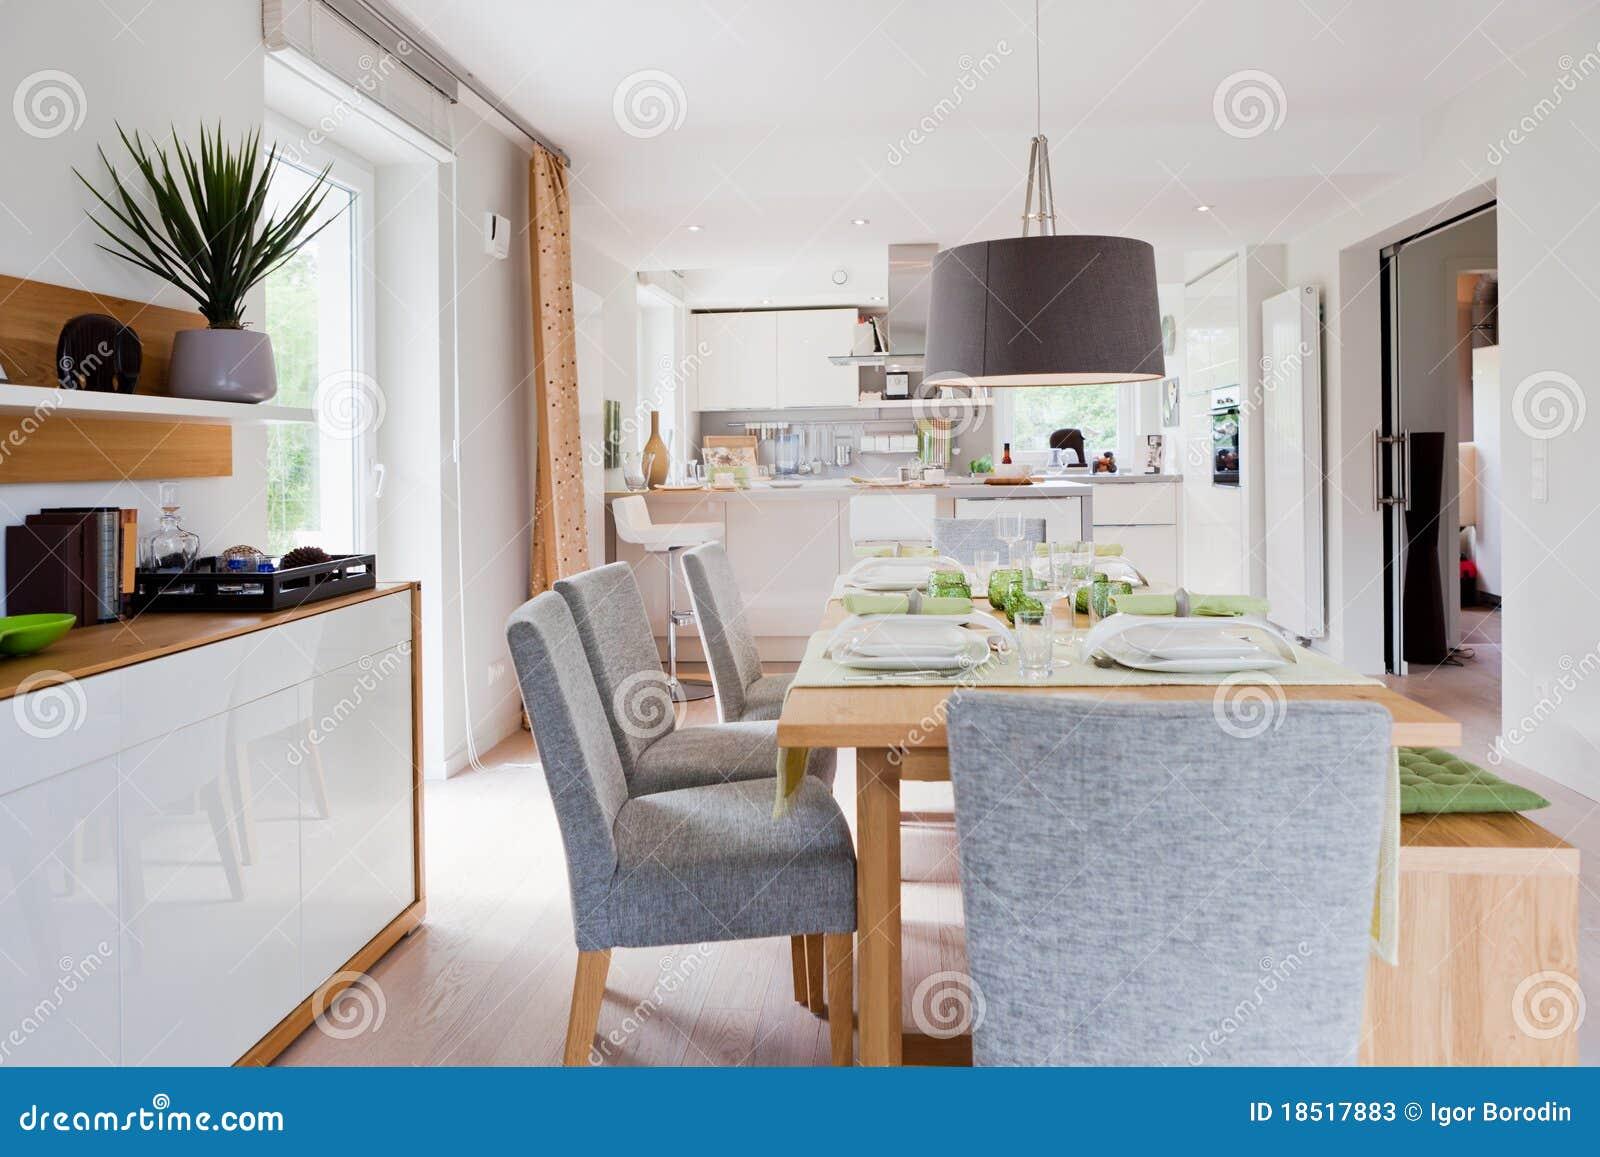 Interiore Della Cucina Moderna Della Casa Immagine Stock - Immagine ...